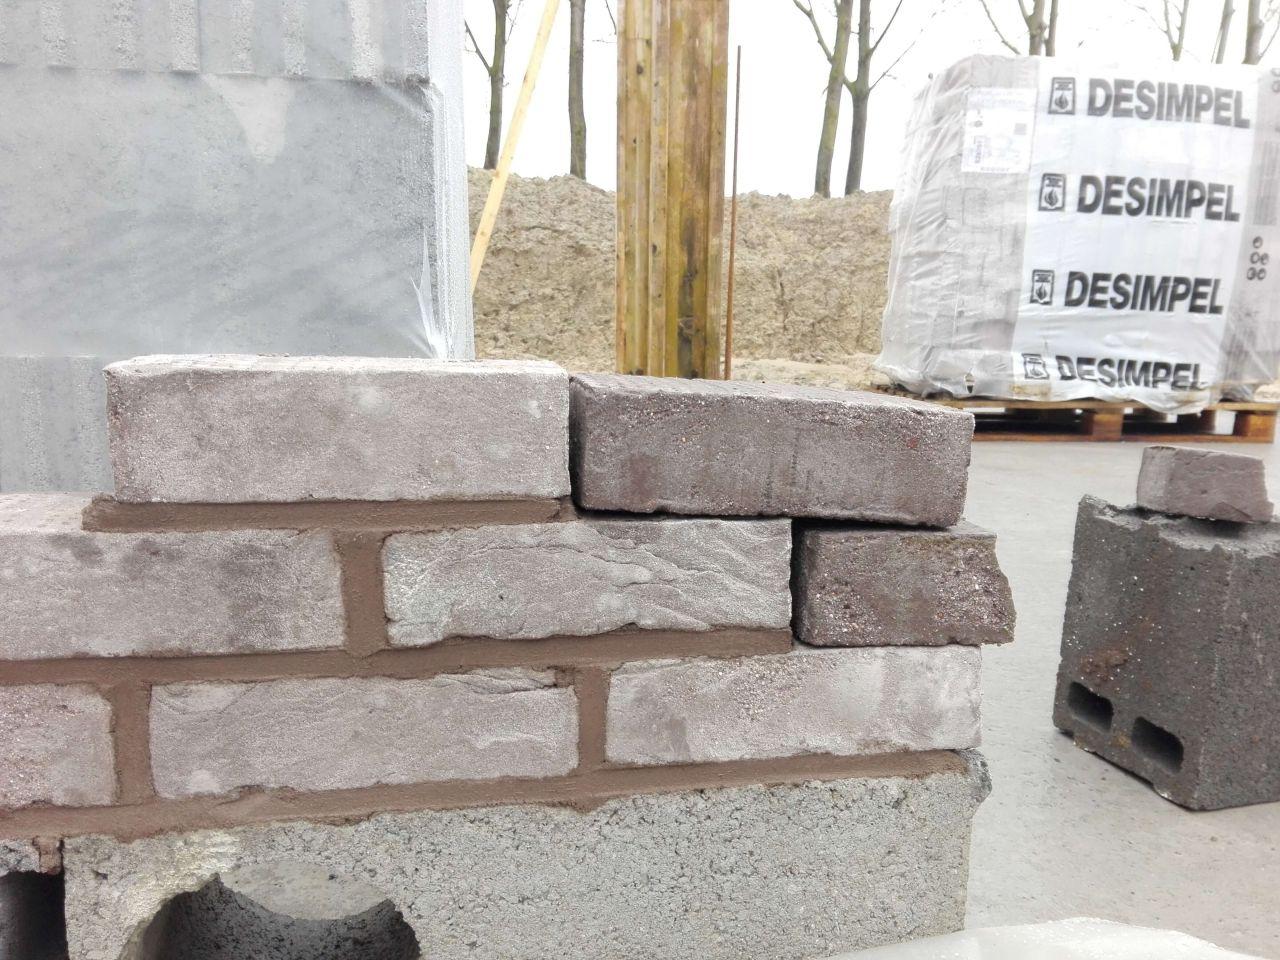 1er test des joints de brique pour l'élévation des murs pas concluant. On espère pouvoir en refaire un très vite dans les tons gris pour ne pas perdre plus de temps dans l'avancée du chantier.